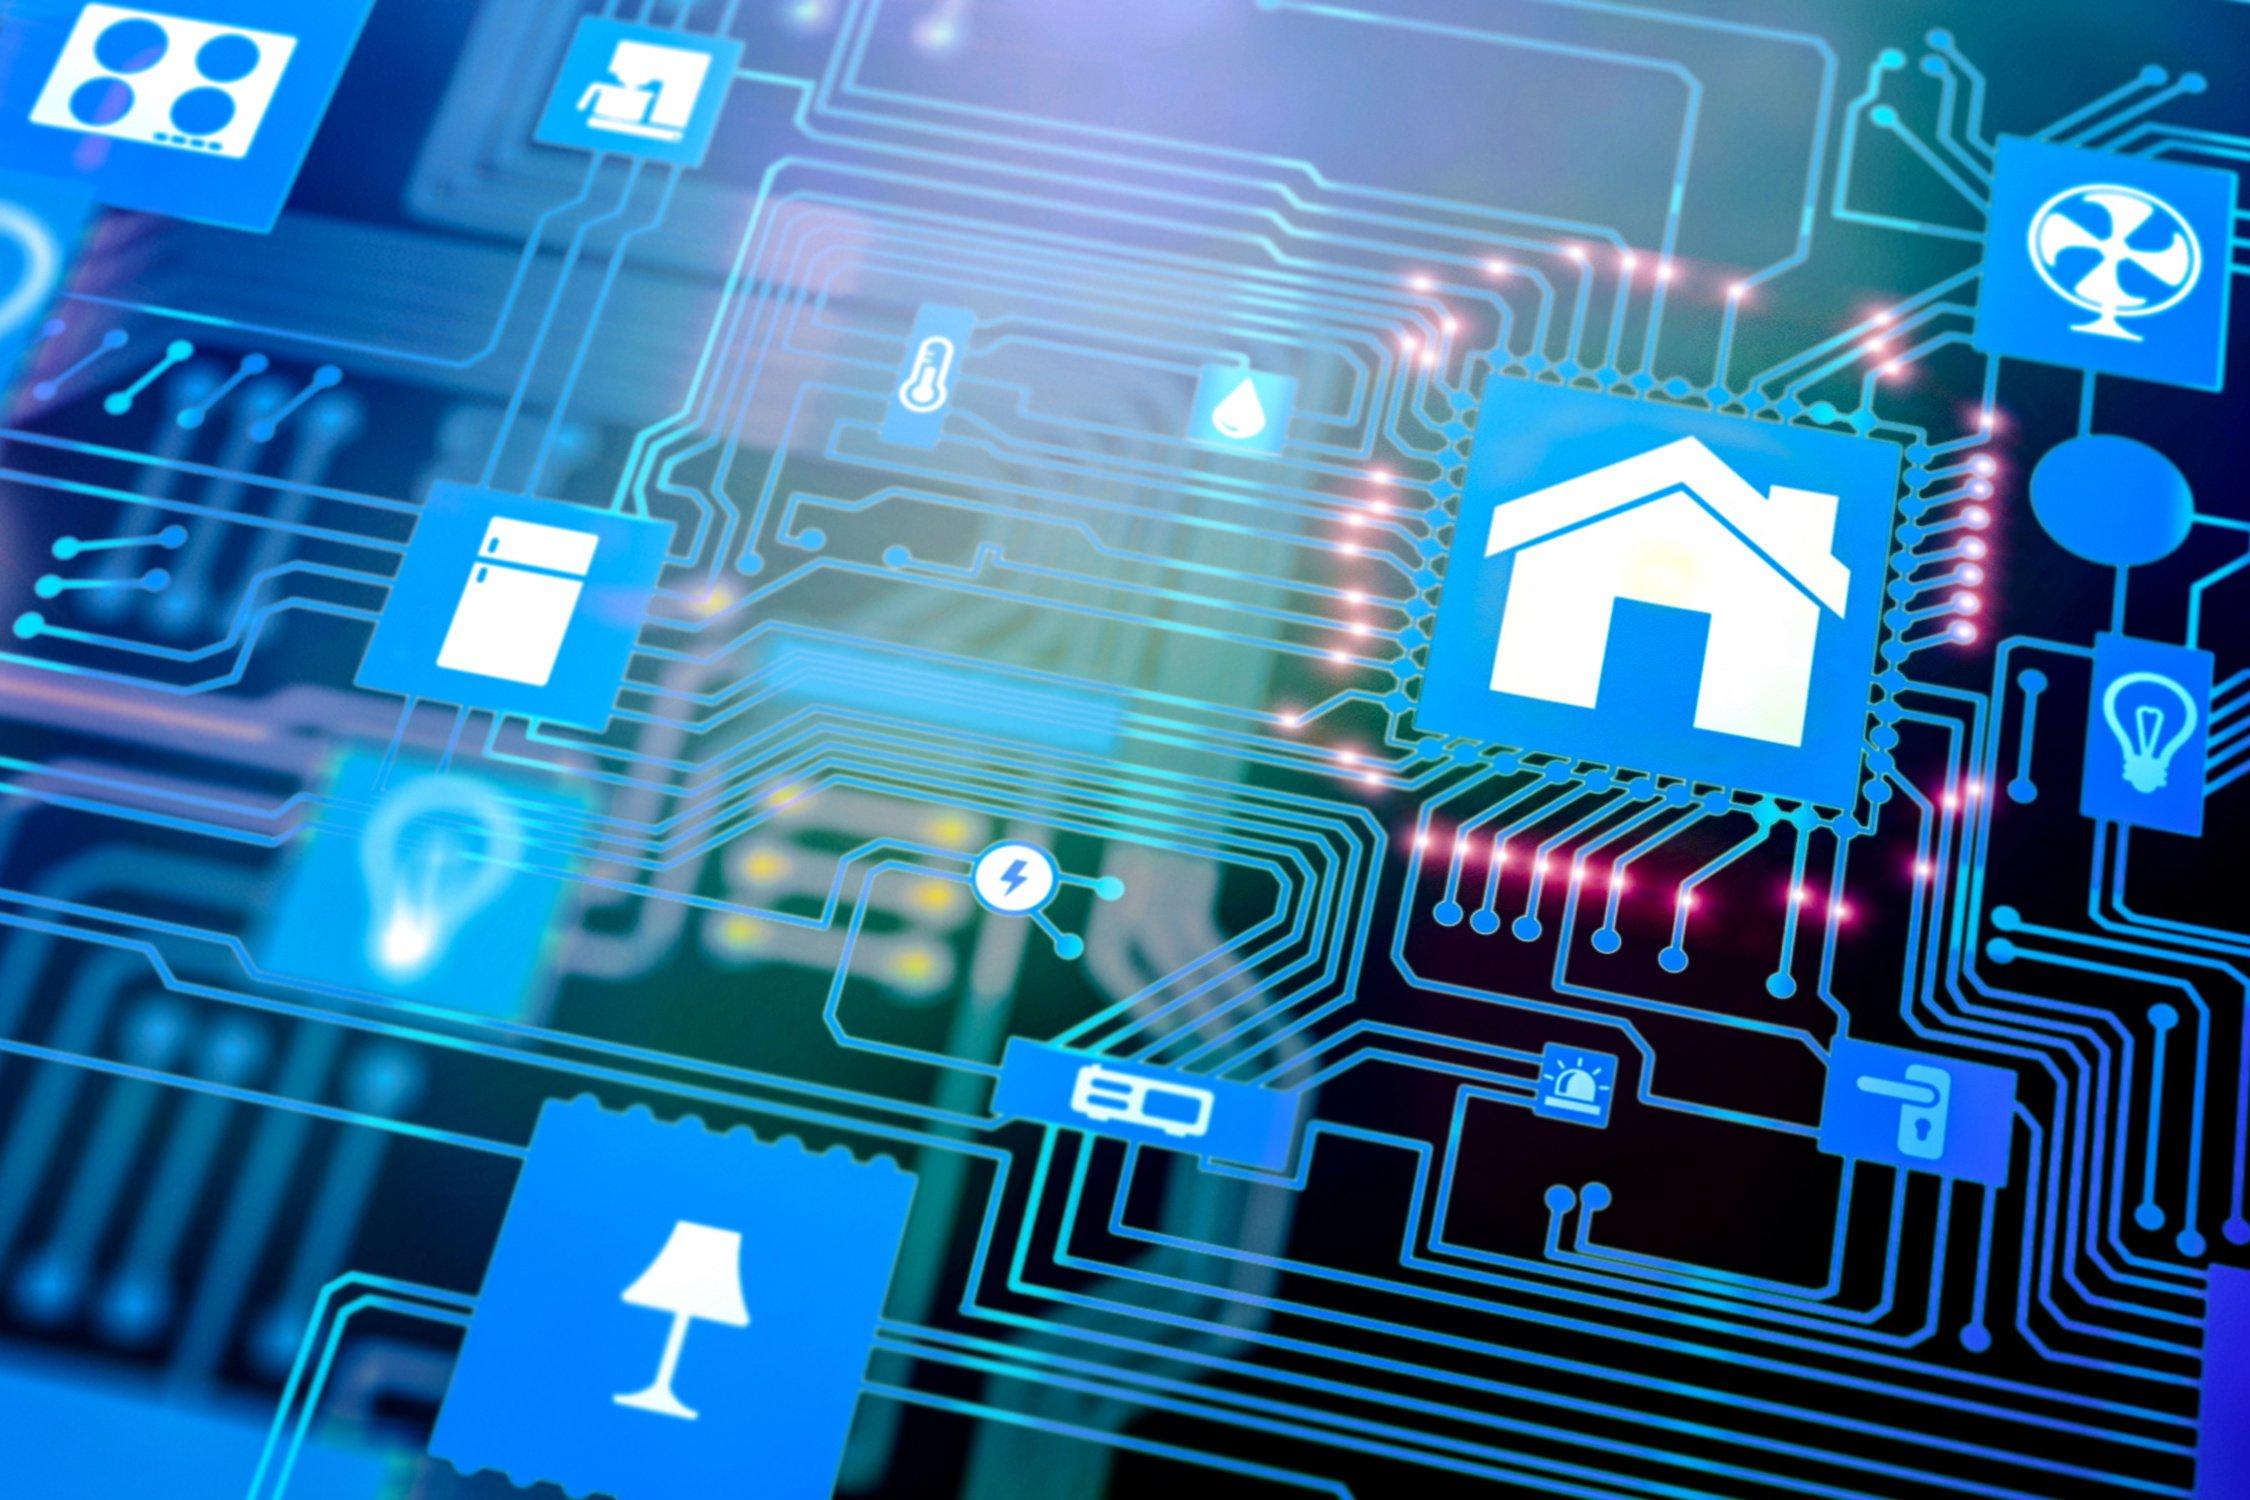 Цифровая трансформация в строительстве и ЖКХ: безопасность и автоматизация